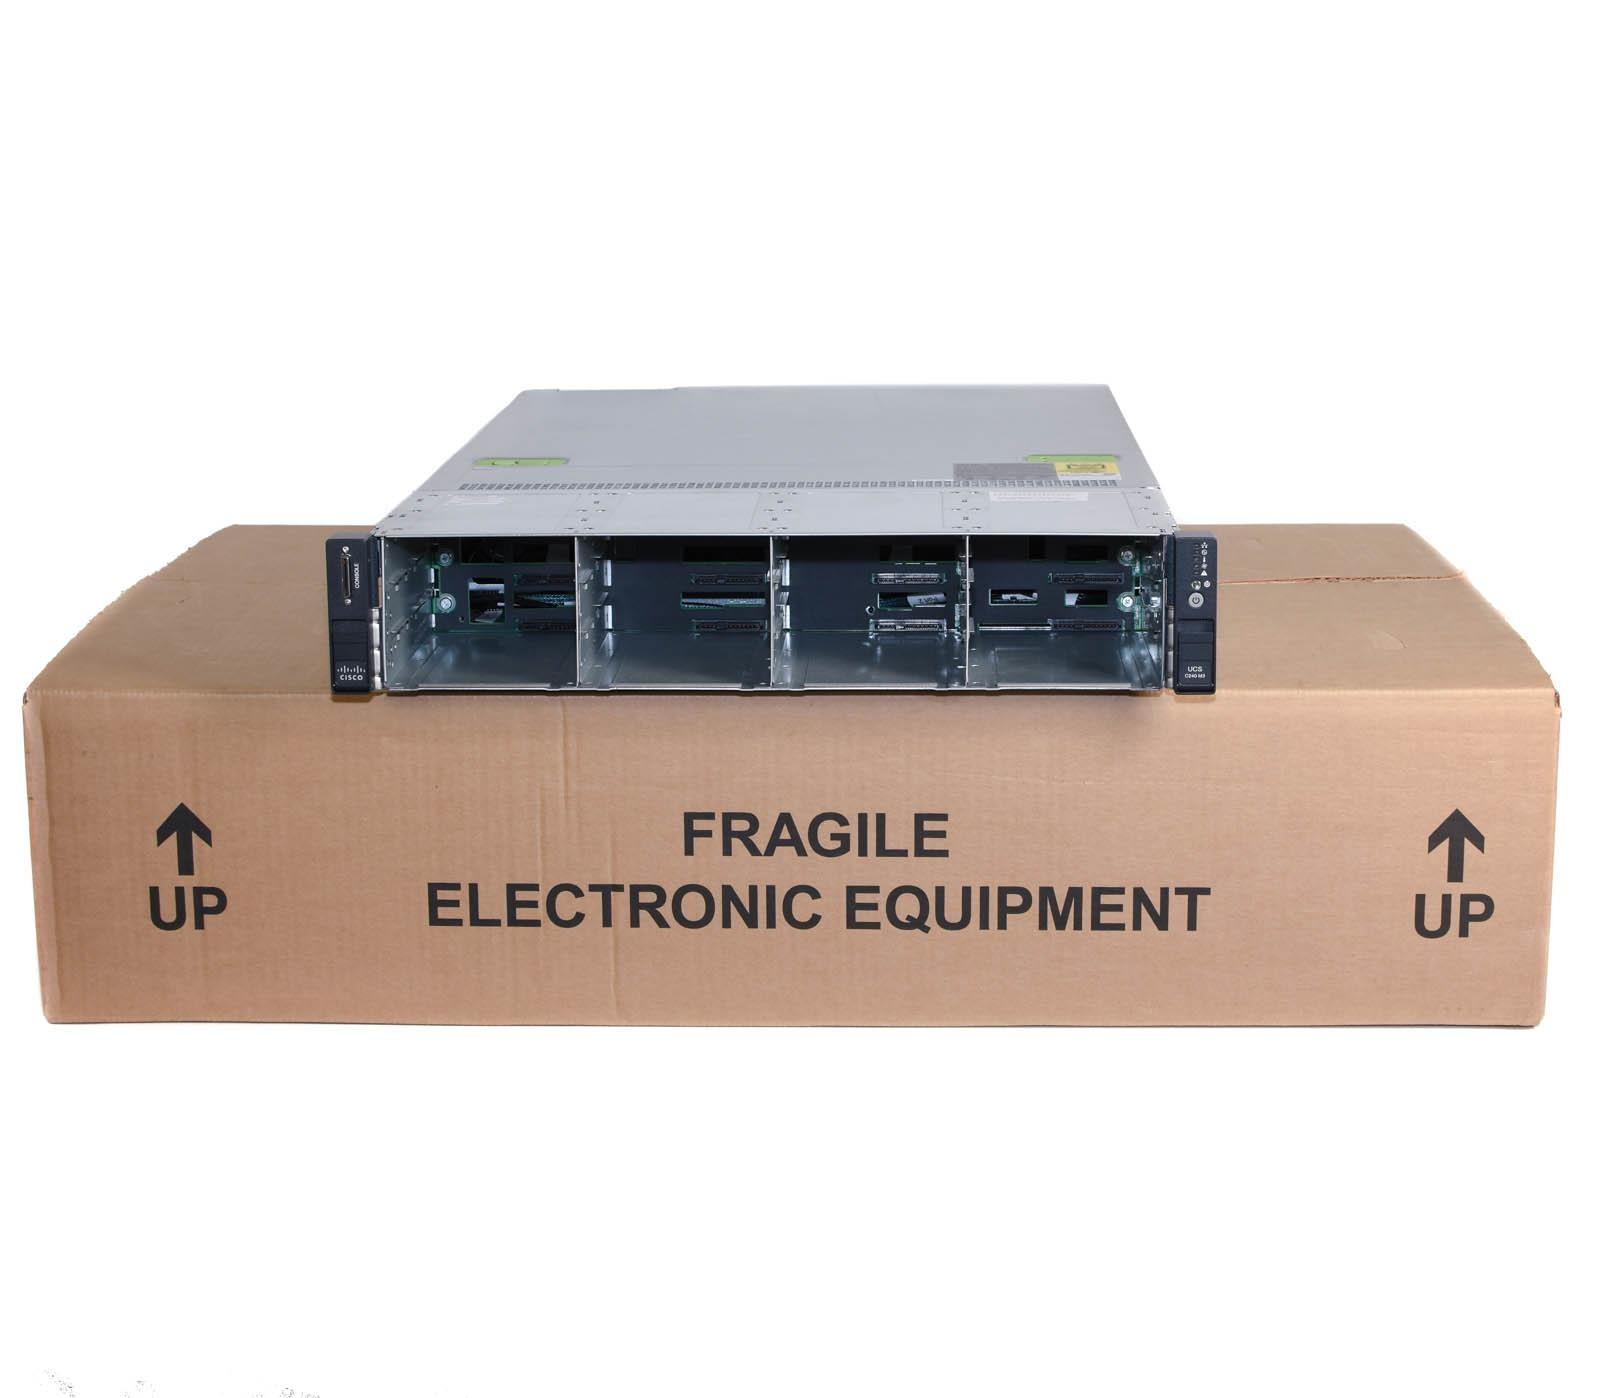 84543-UCSC-C240-M3L_37768_base